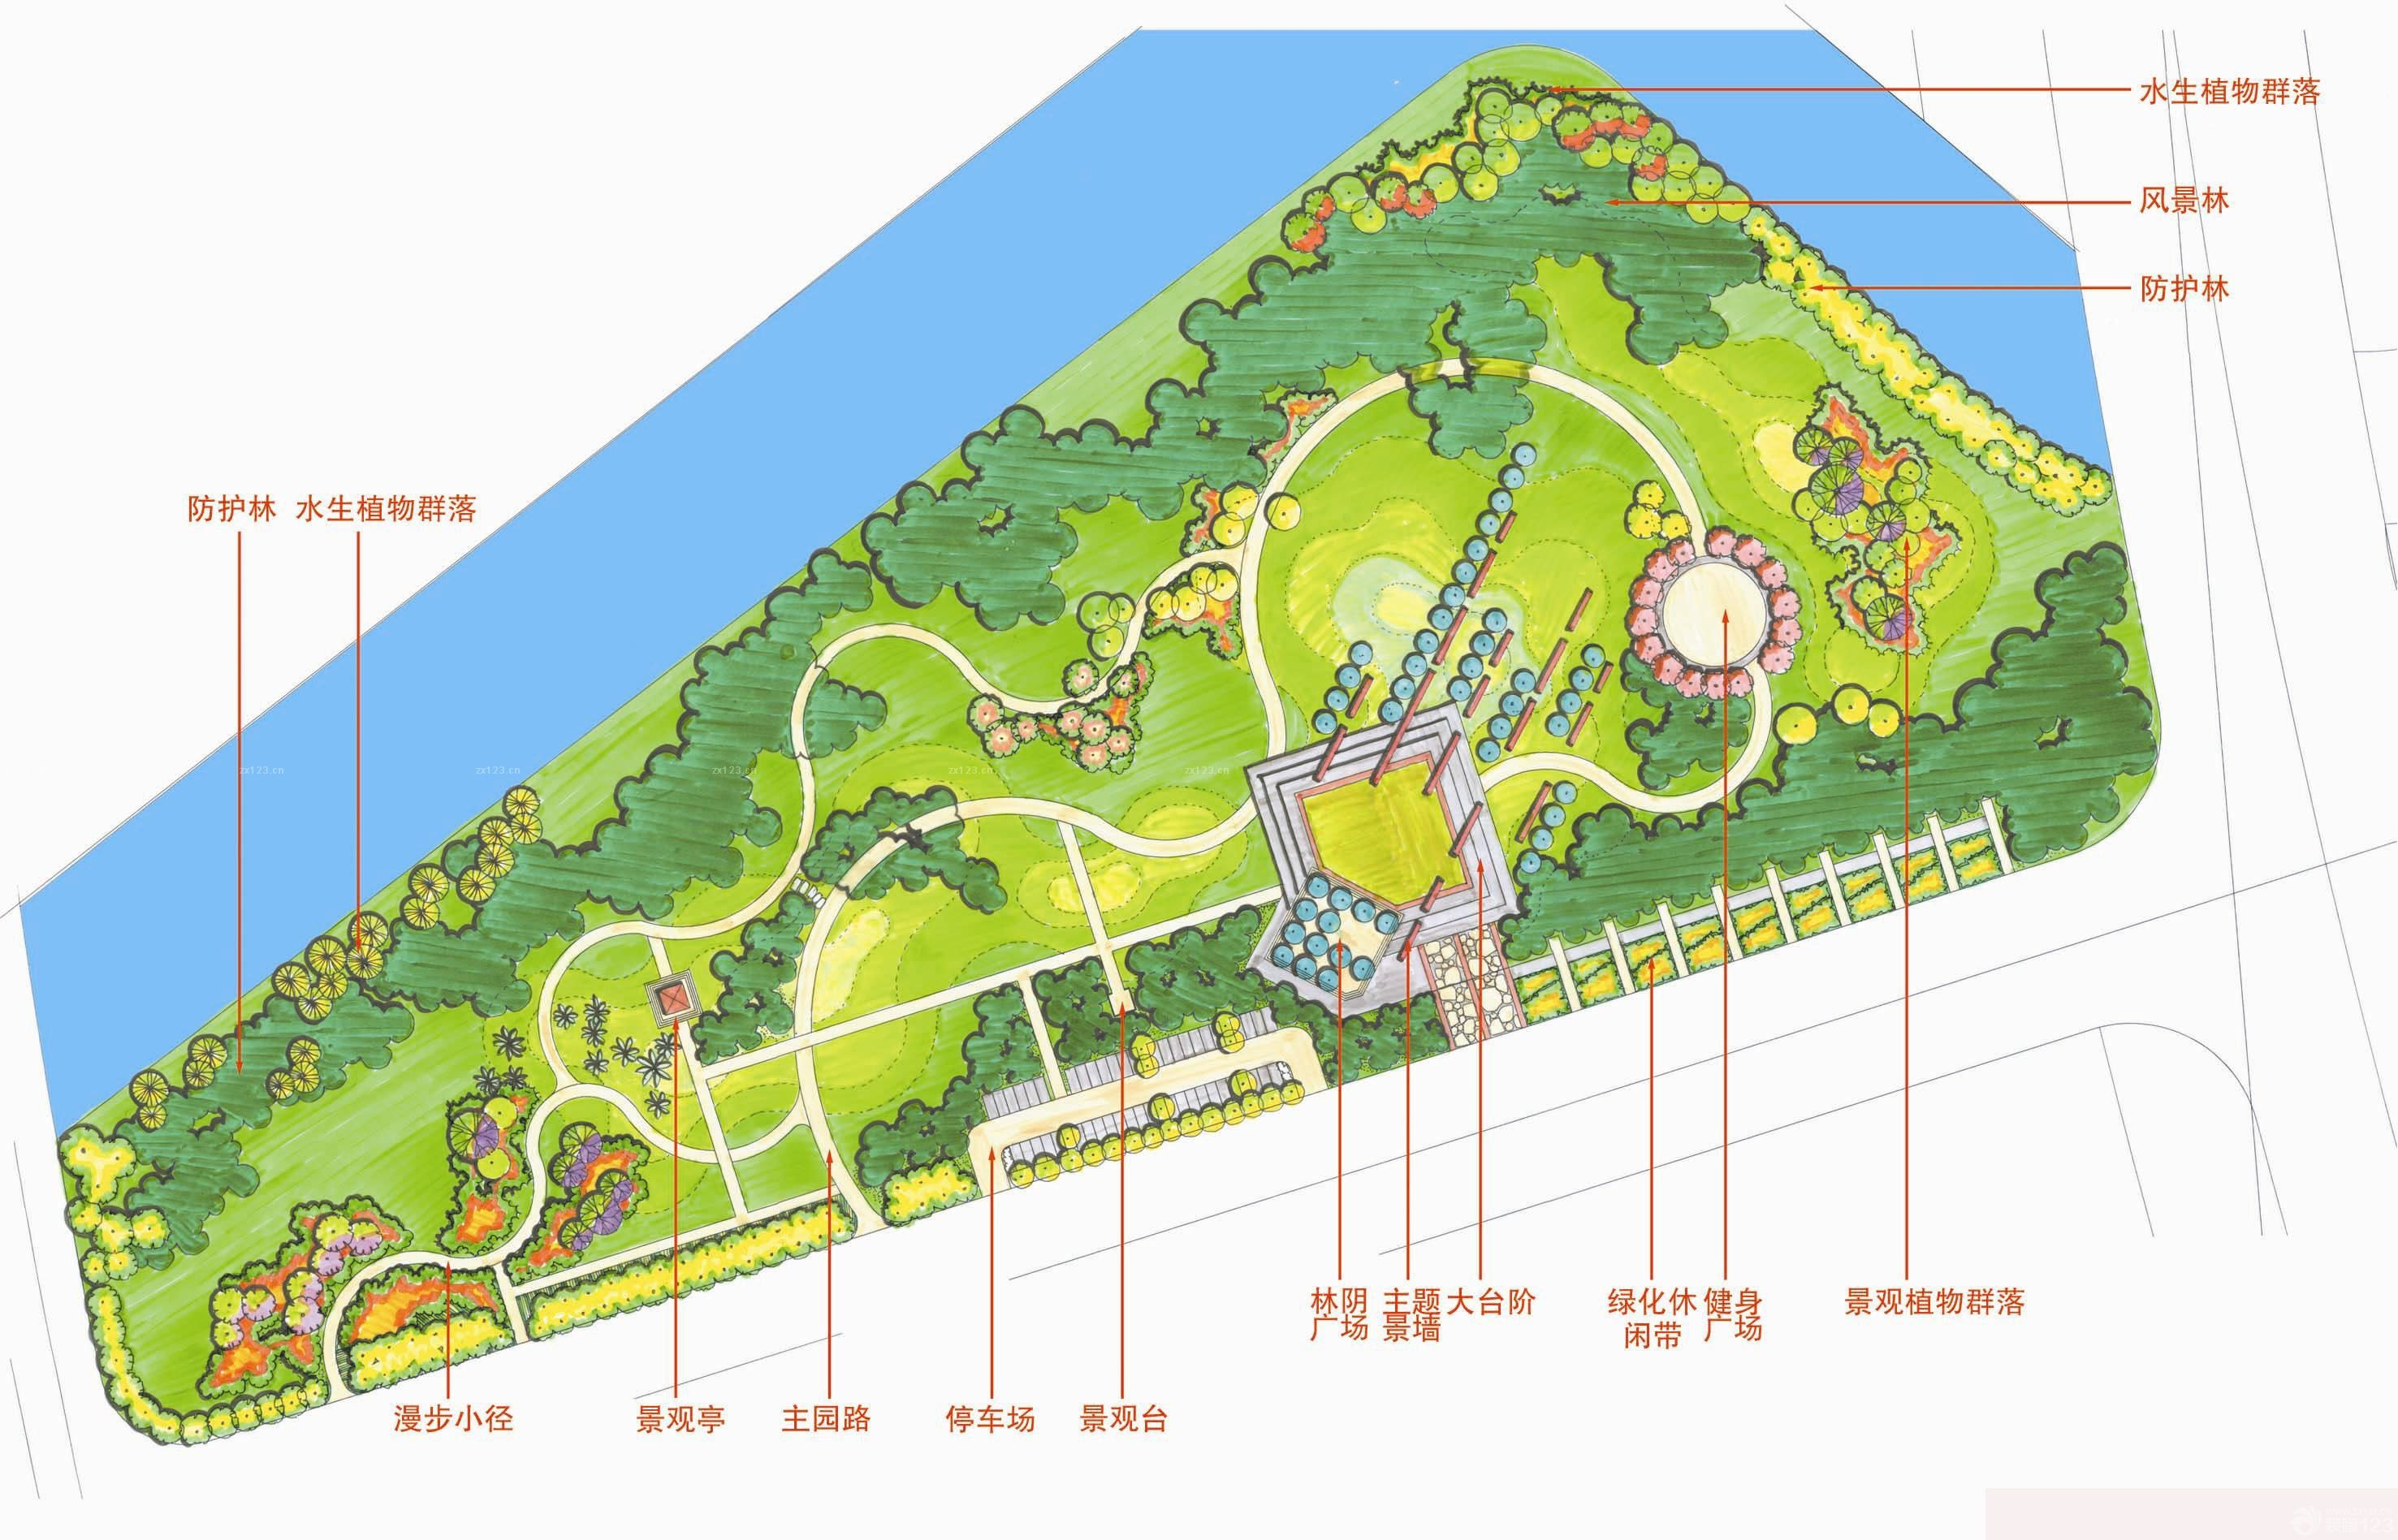 小型园林景观平面设计图展示